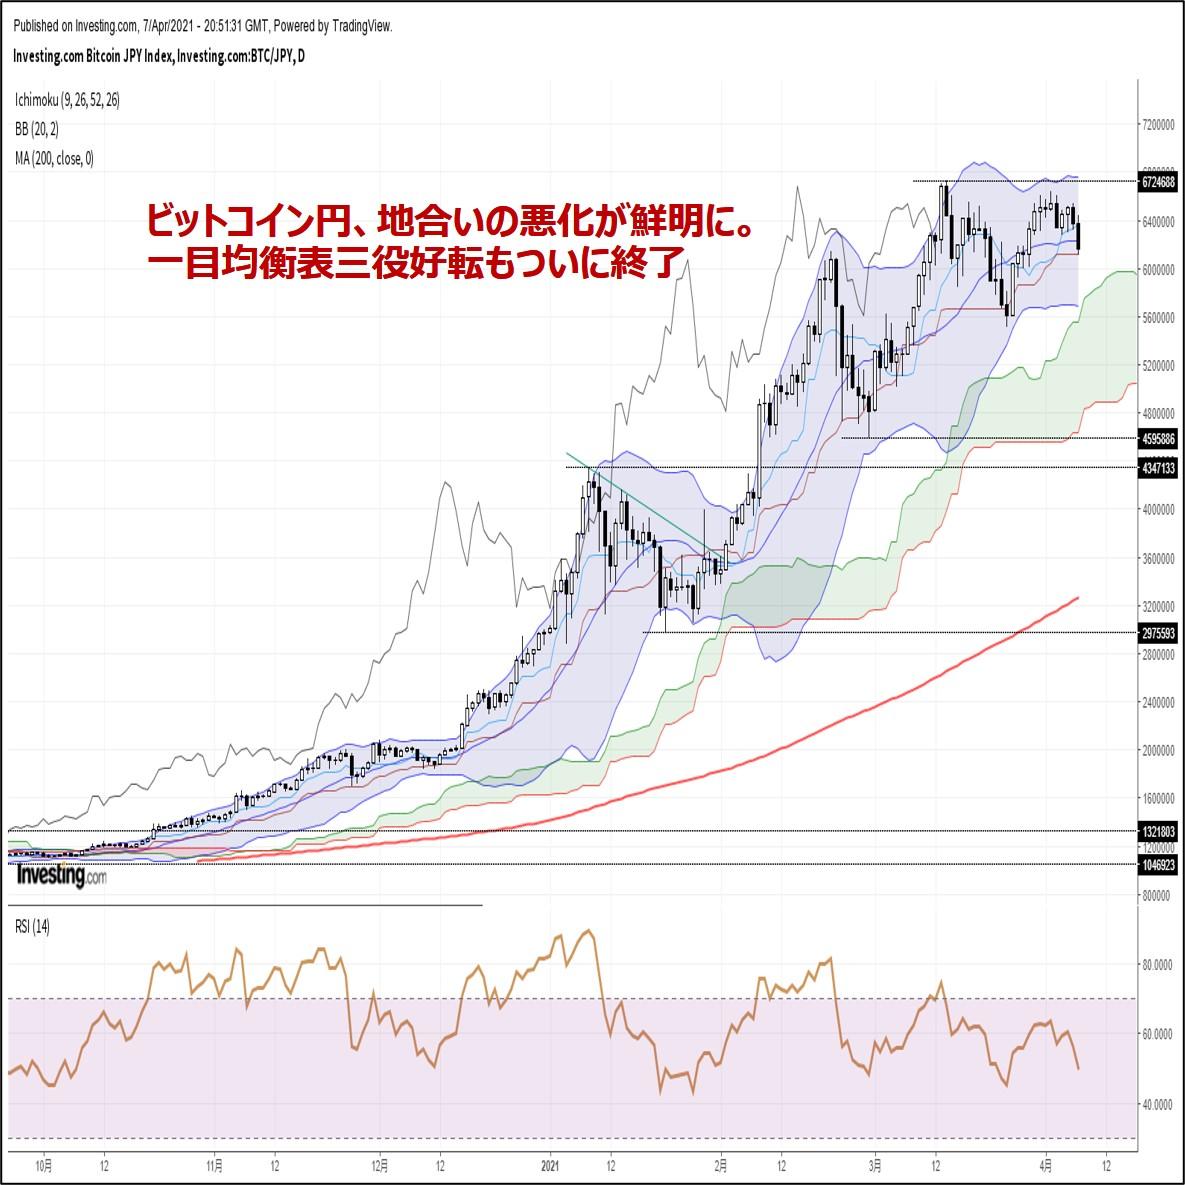 ビットコイン円、地合いの悪化が鮮明に。一目均衡表三役好転もついに終了(4/8朝)